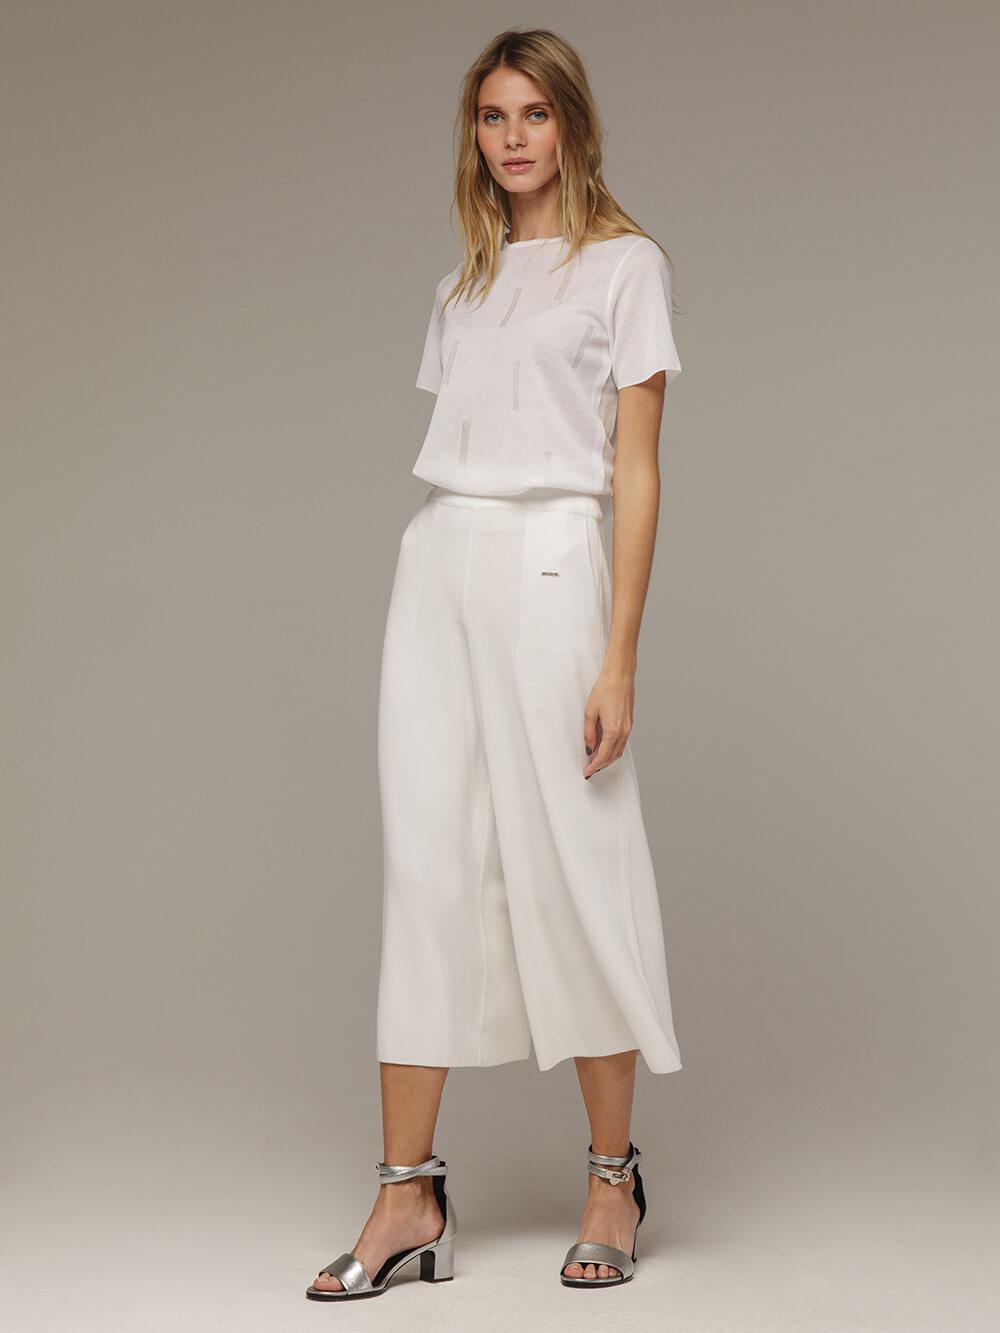 Женские белые свободные брюки из вискозы - фото 1